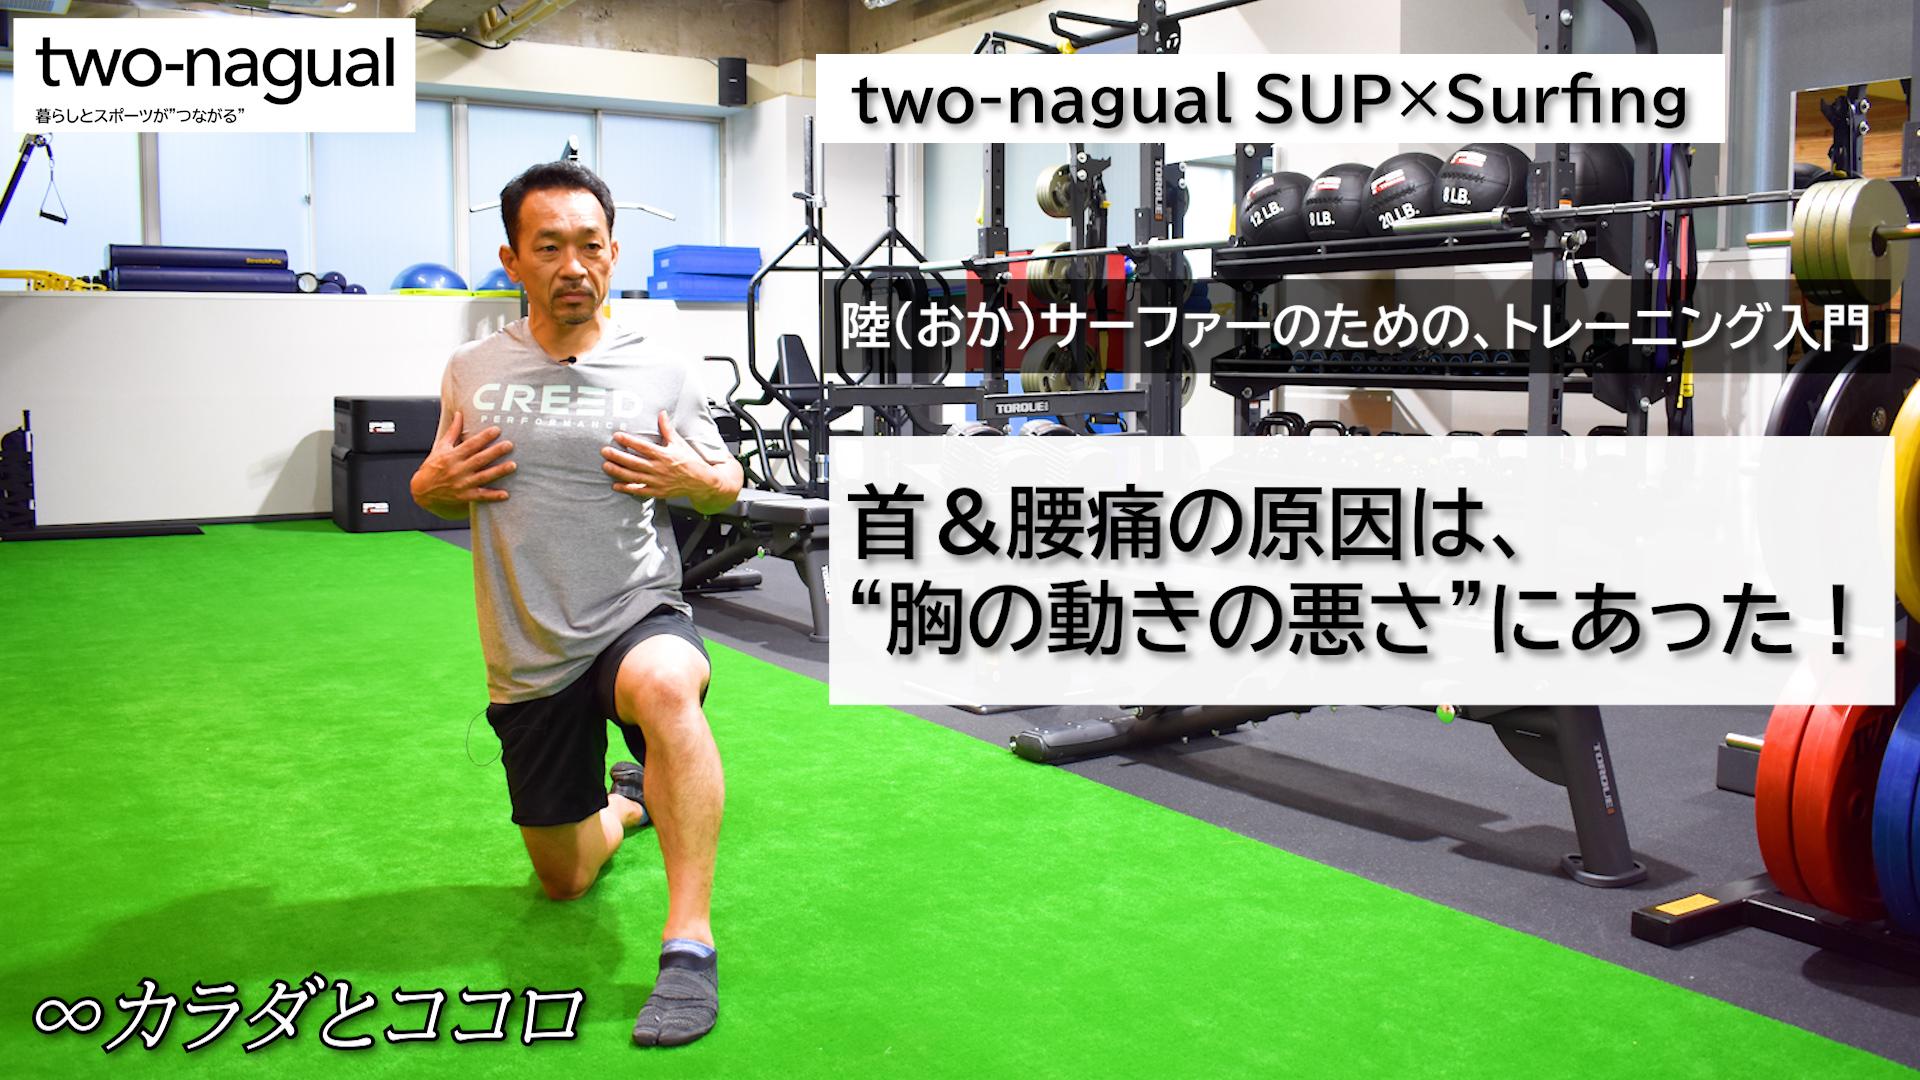 """<small>【two-nagual SUP × Surfing】</small><br />陸(おか)サーファーのための、トレーニング入門<br />首&腰痛の原因は<br />""""胸の動きの悪さ""""にあった!"""